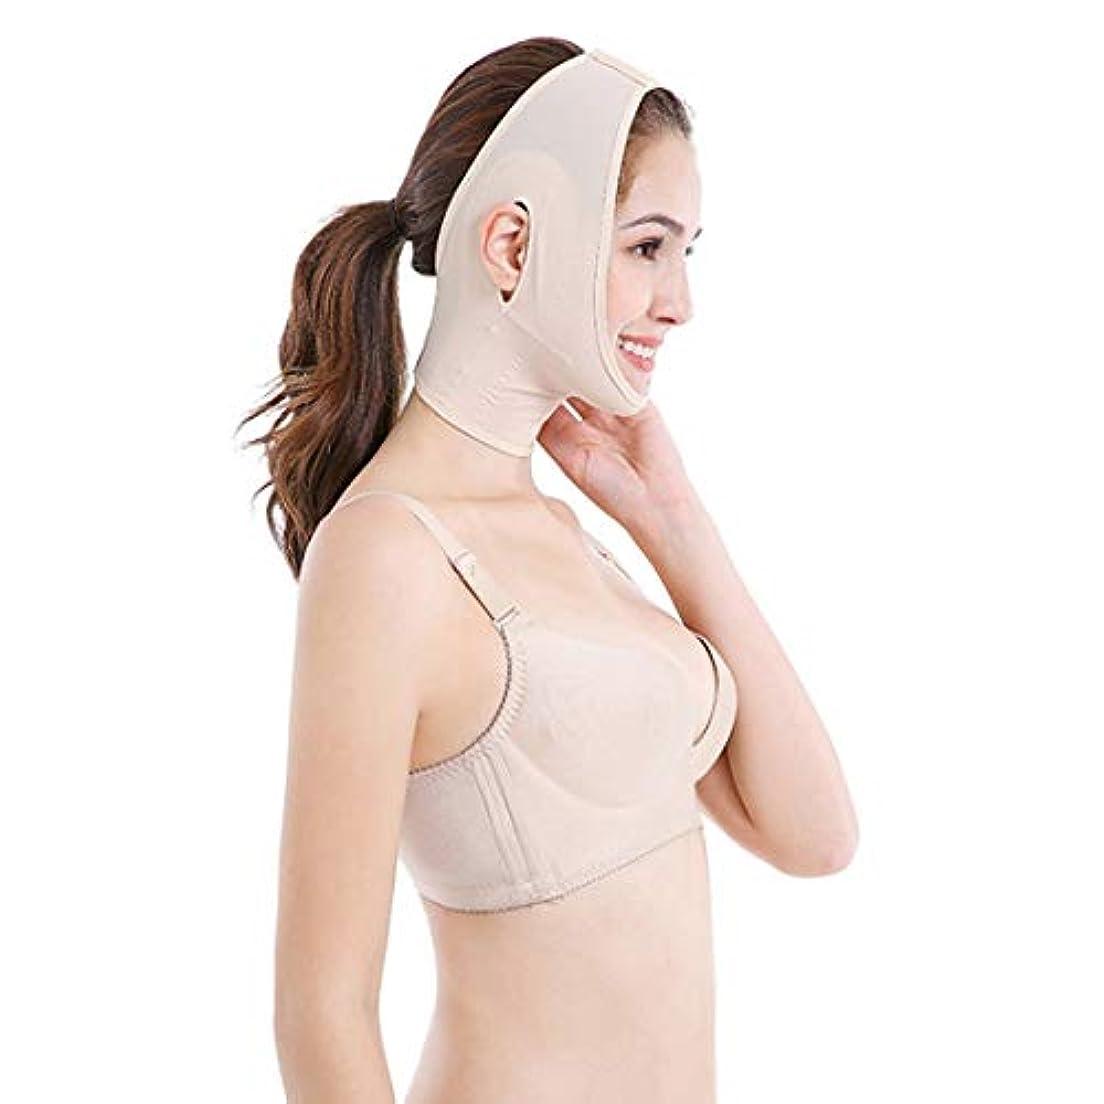 スティックデッキ抵抗力があるZWBD フェイスマスク, 顔を持ち上げる包帯v顔薄い顔包帯小V顔物理マスク小さな顔アーティファクト顔持ち上がる引き締め乳白色 (Size : XS)